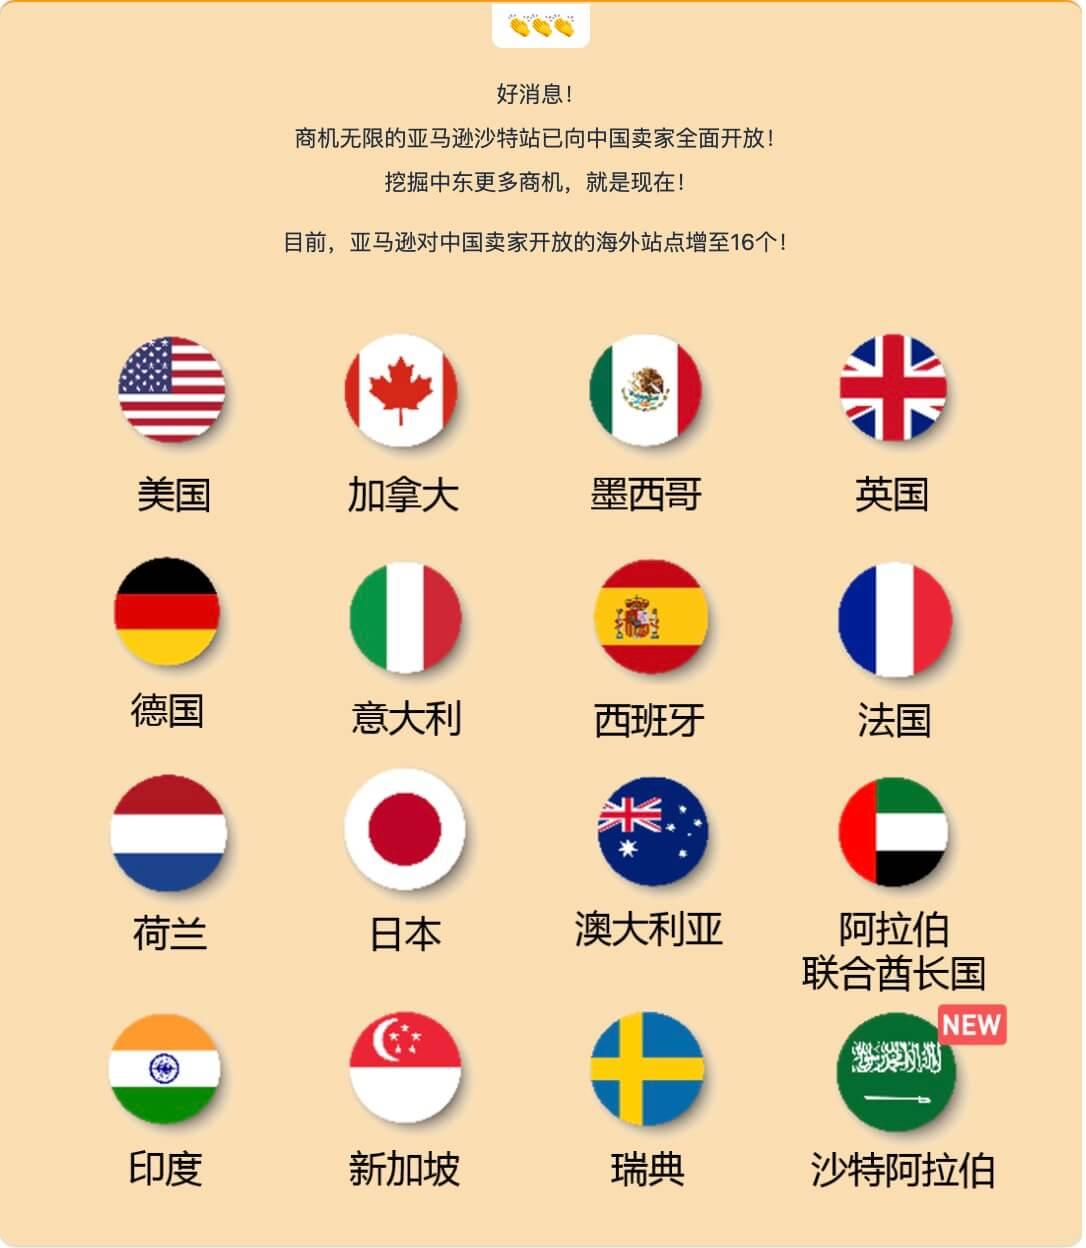 亚马逊宣布沙特站全面向中国卖家开放注册